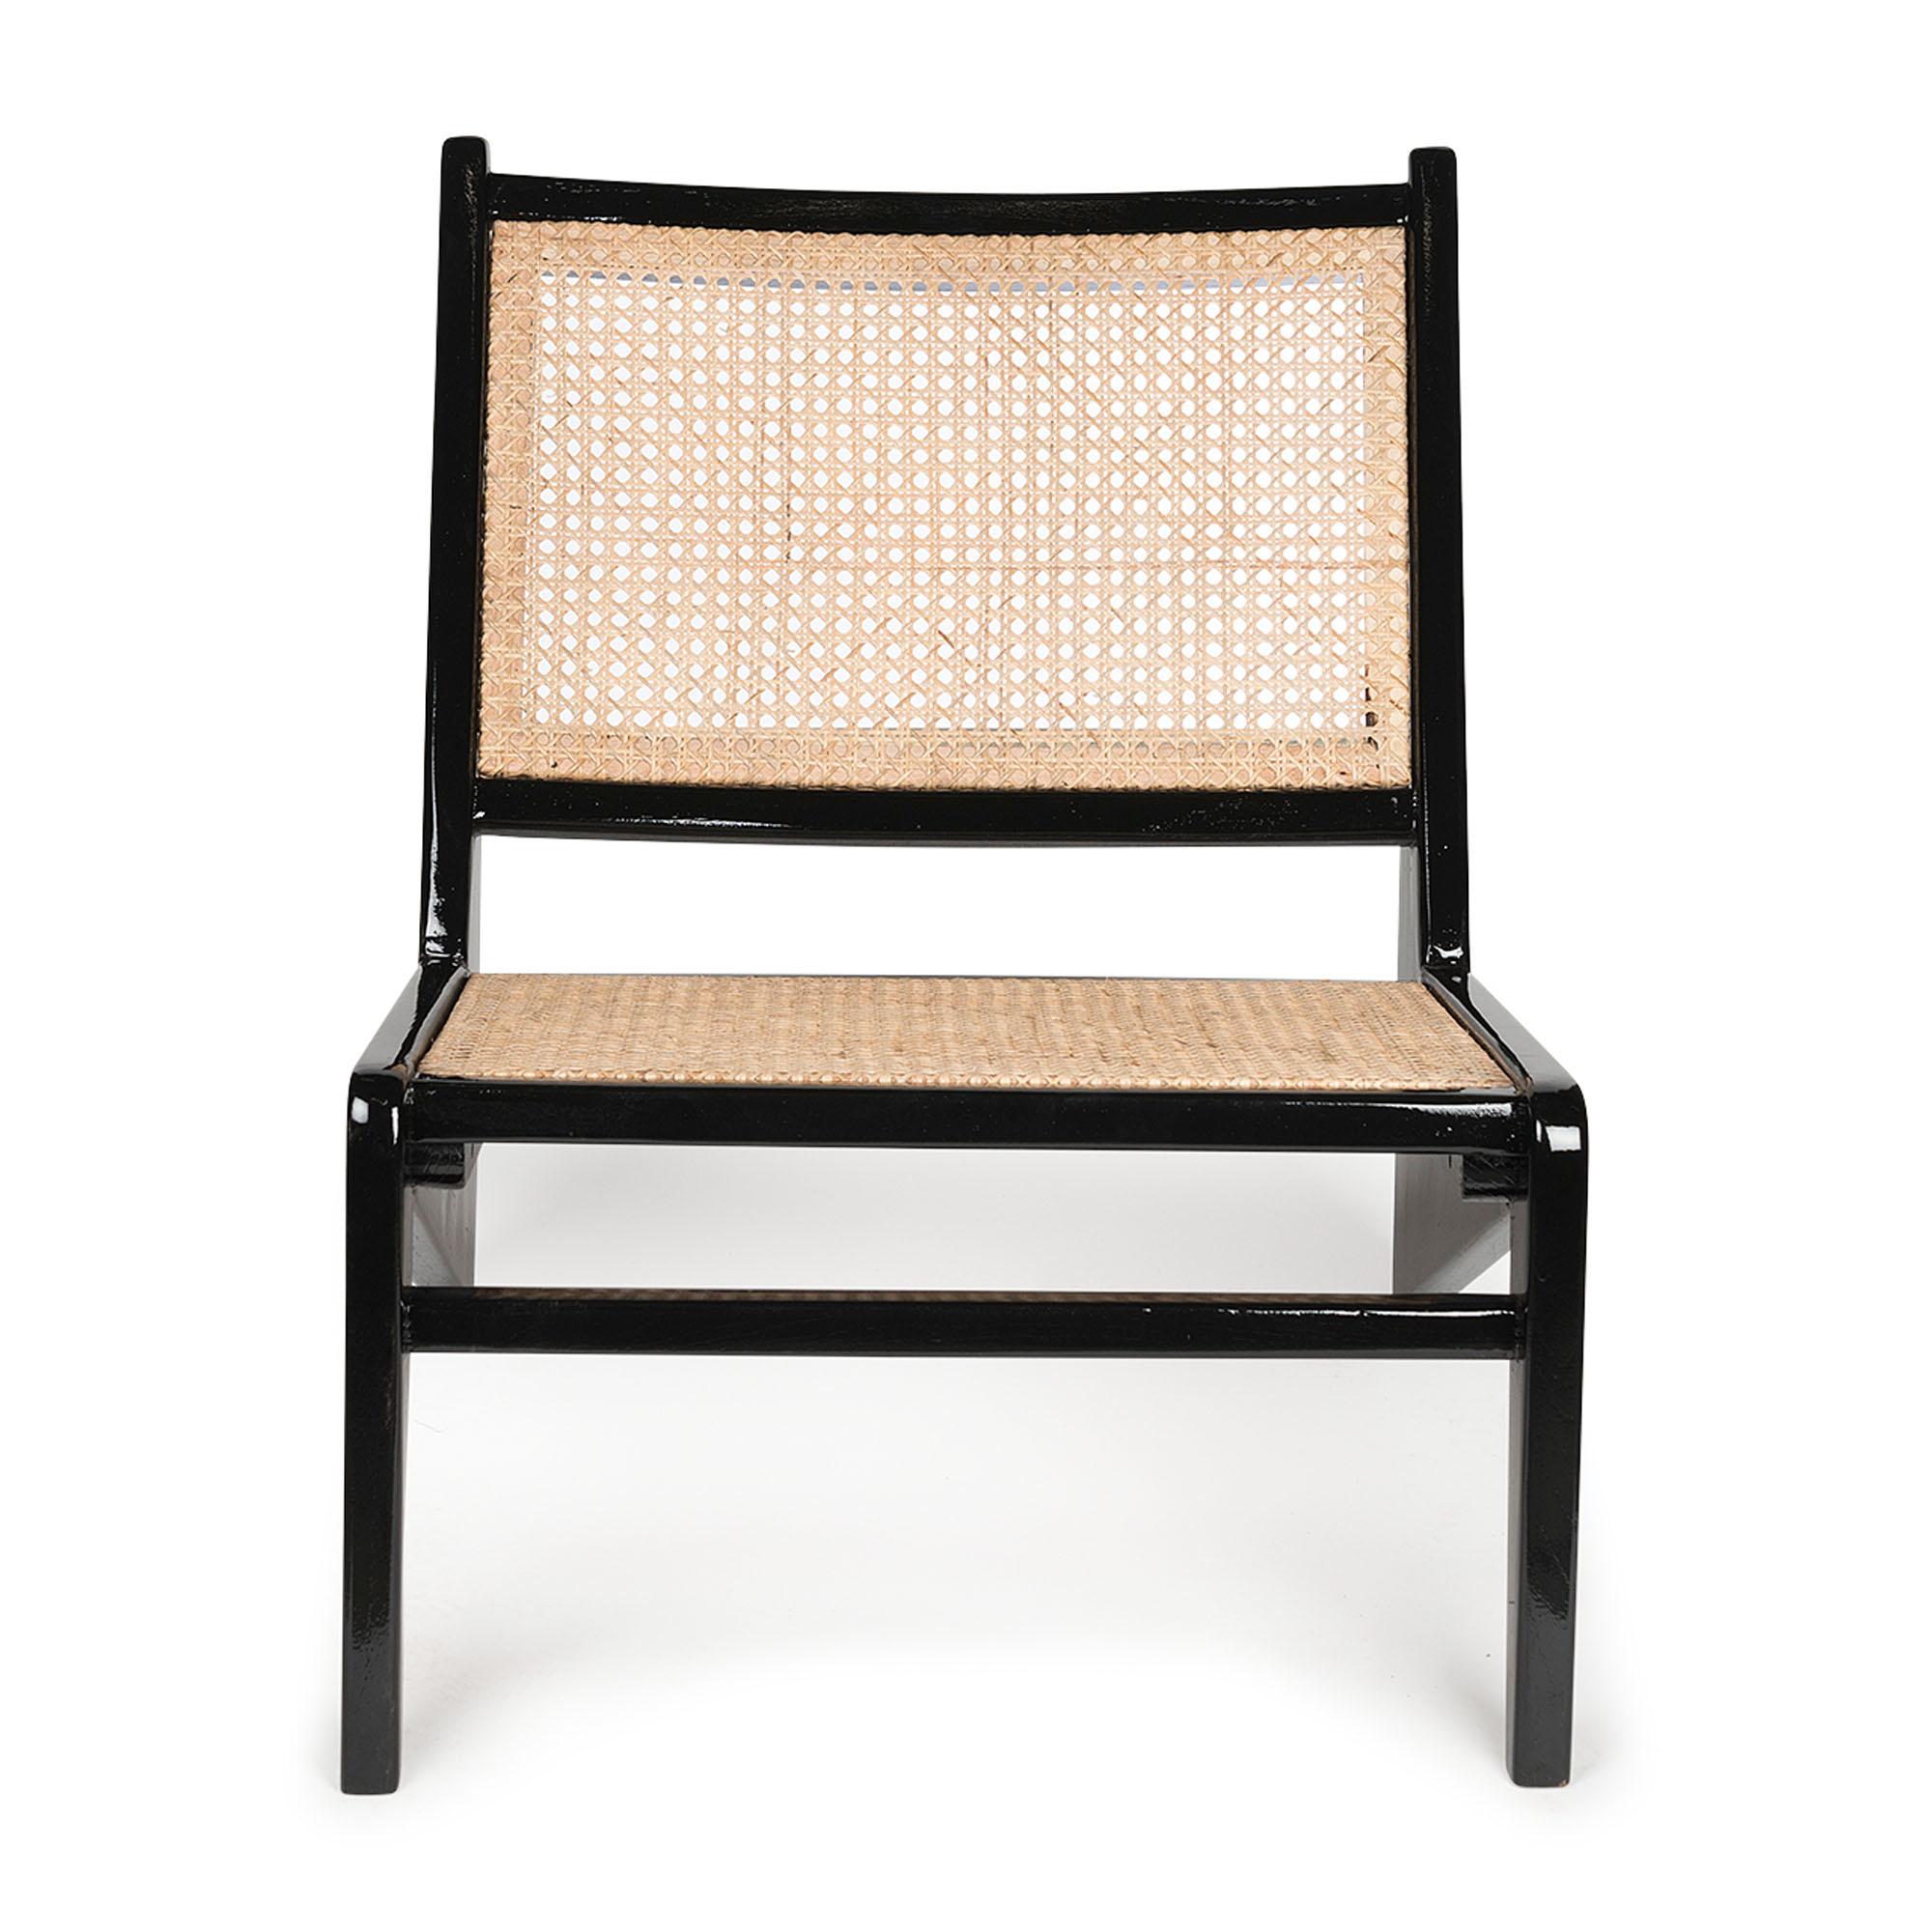 Kangaroo Chair - Charcoal Black Hoogglans-2